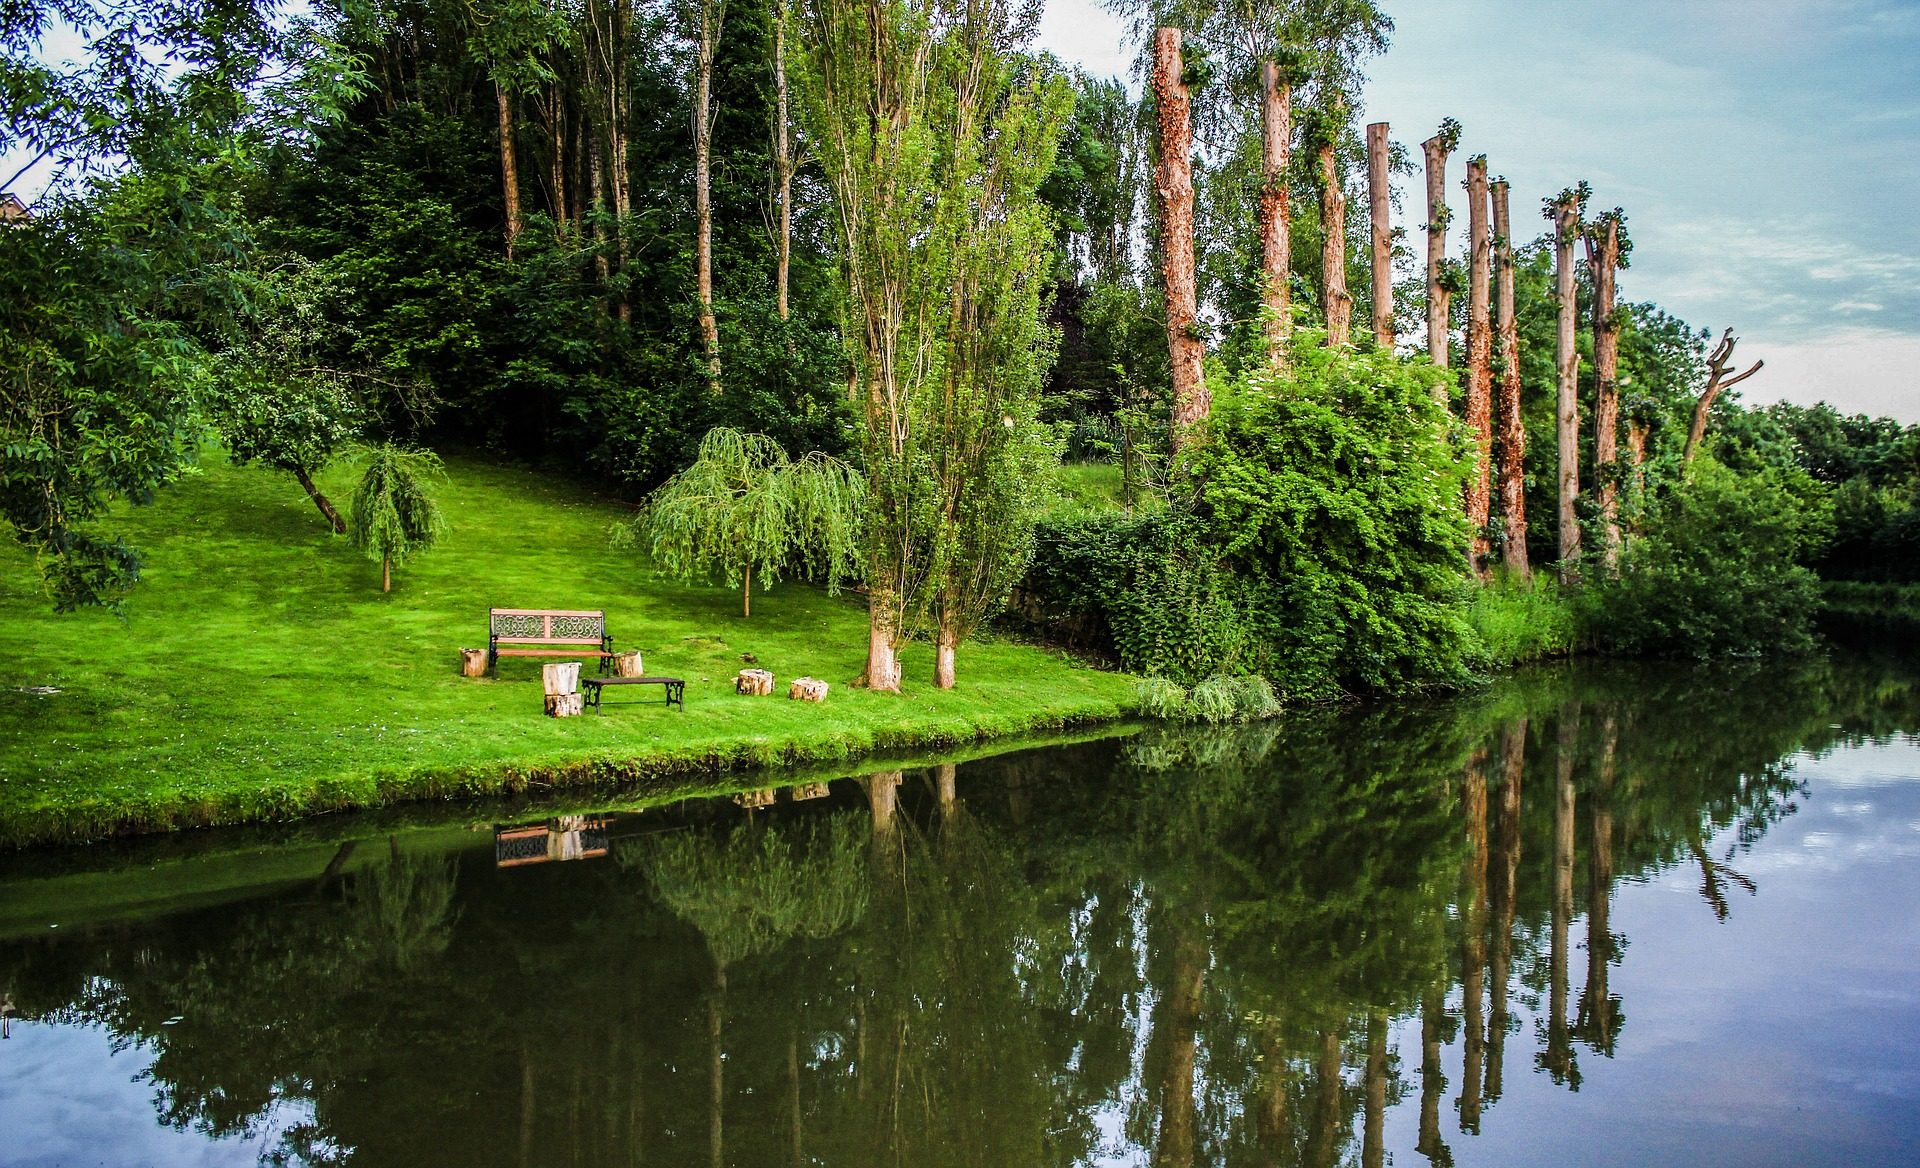 κάθισμα, Λίμνη, δάσος, αντανάκλαση, δέντρα, νερό, Χαλαρώστε - Wallpapers HD - Professor-falken.com